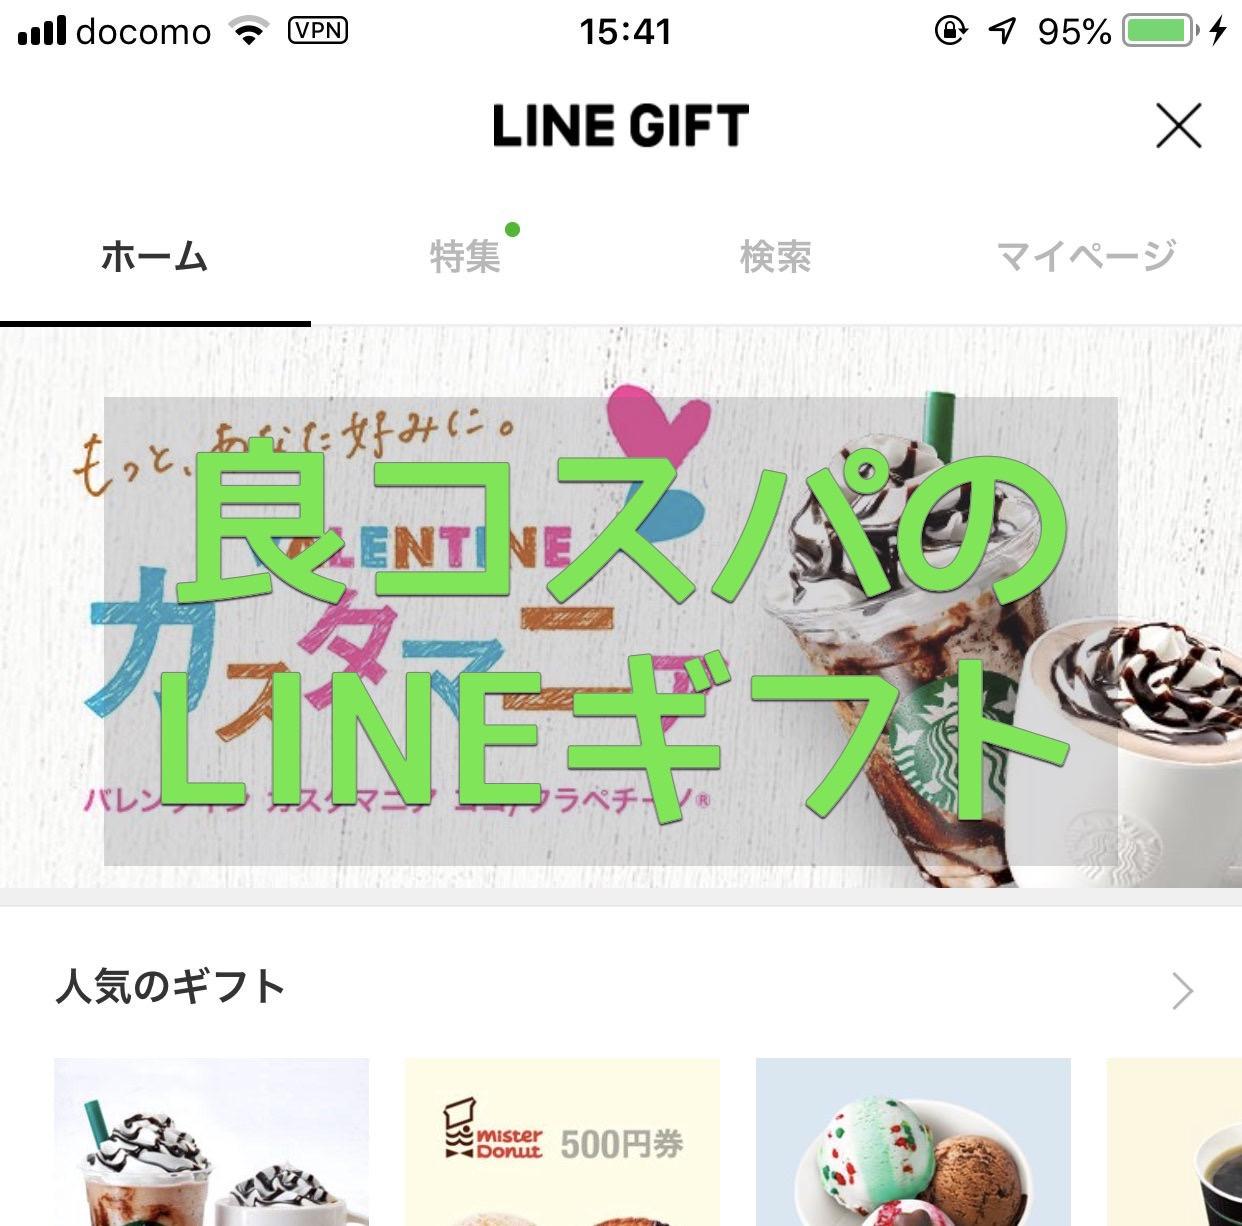 【自分にも】「LINEギフト」にコスパ抜群なギフトがあった!【送れる】